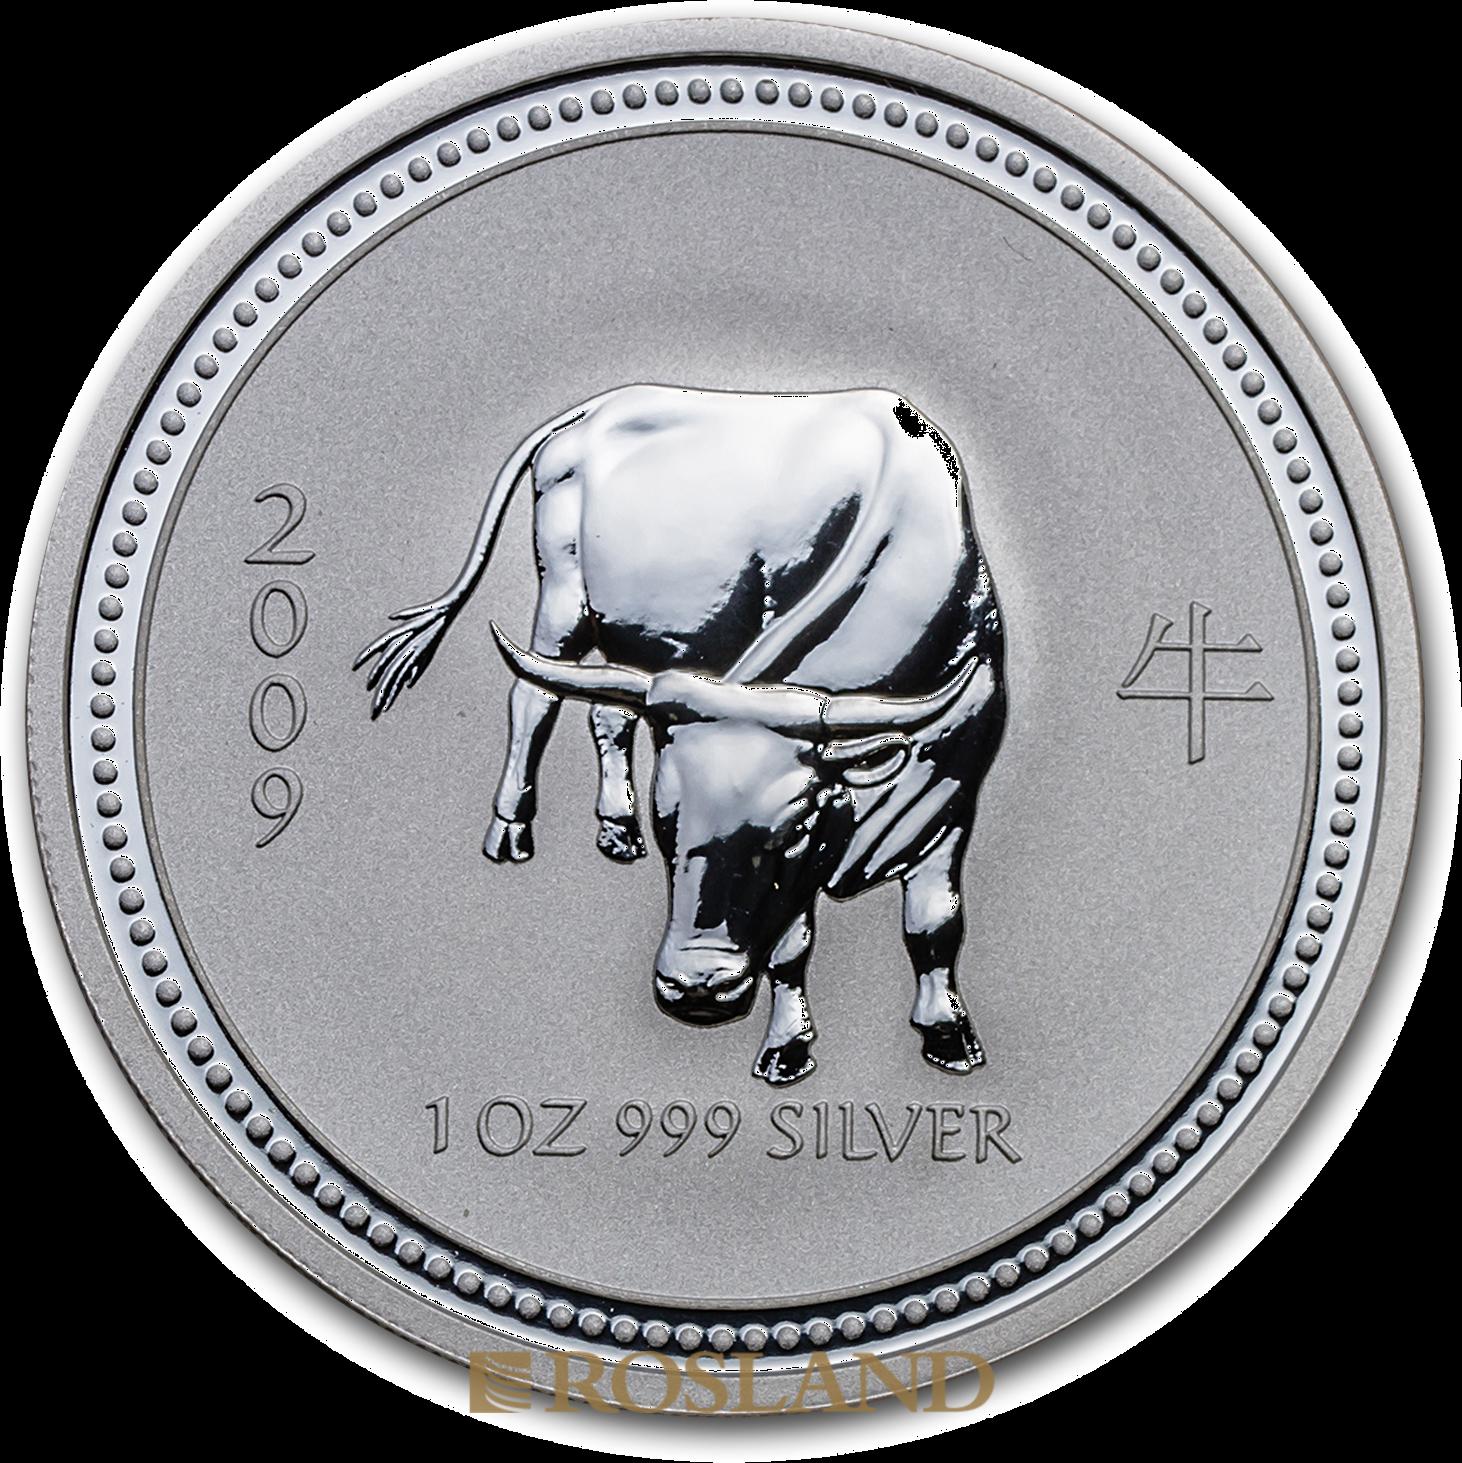 1 Unze Silbermünze Australien Lunar 1 Ochse 2009